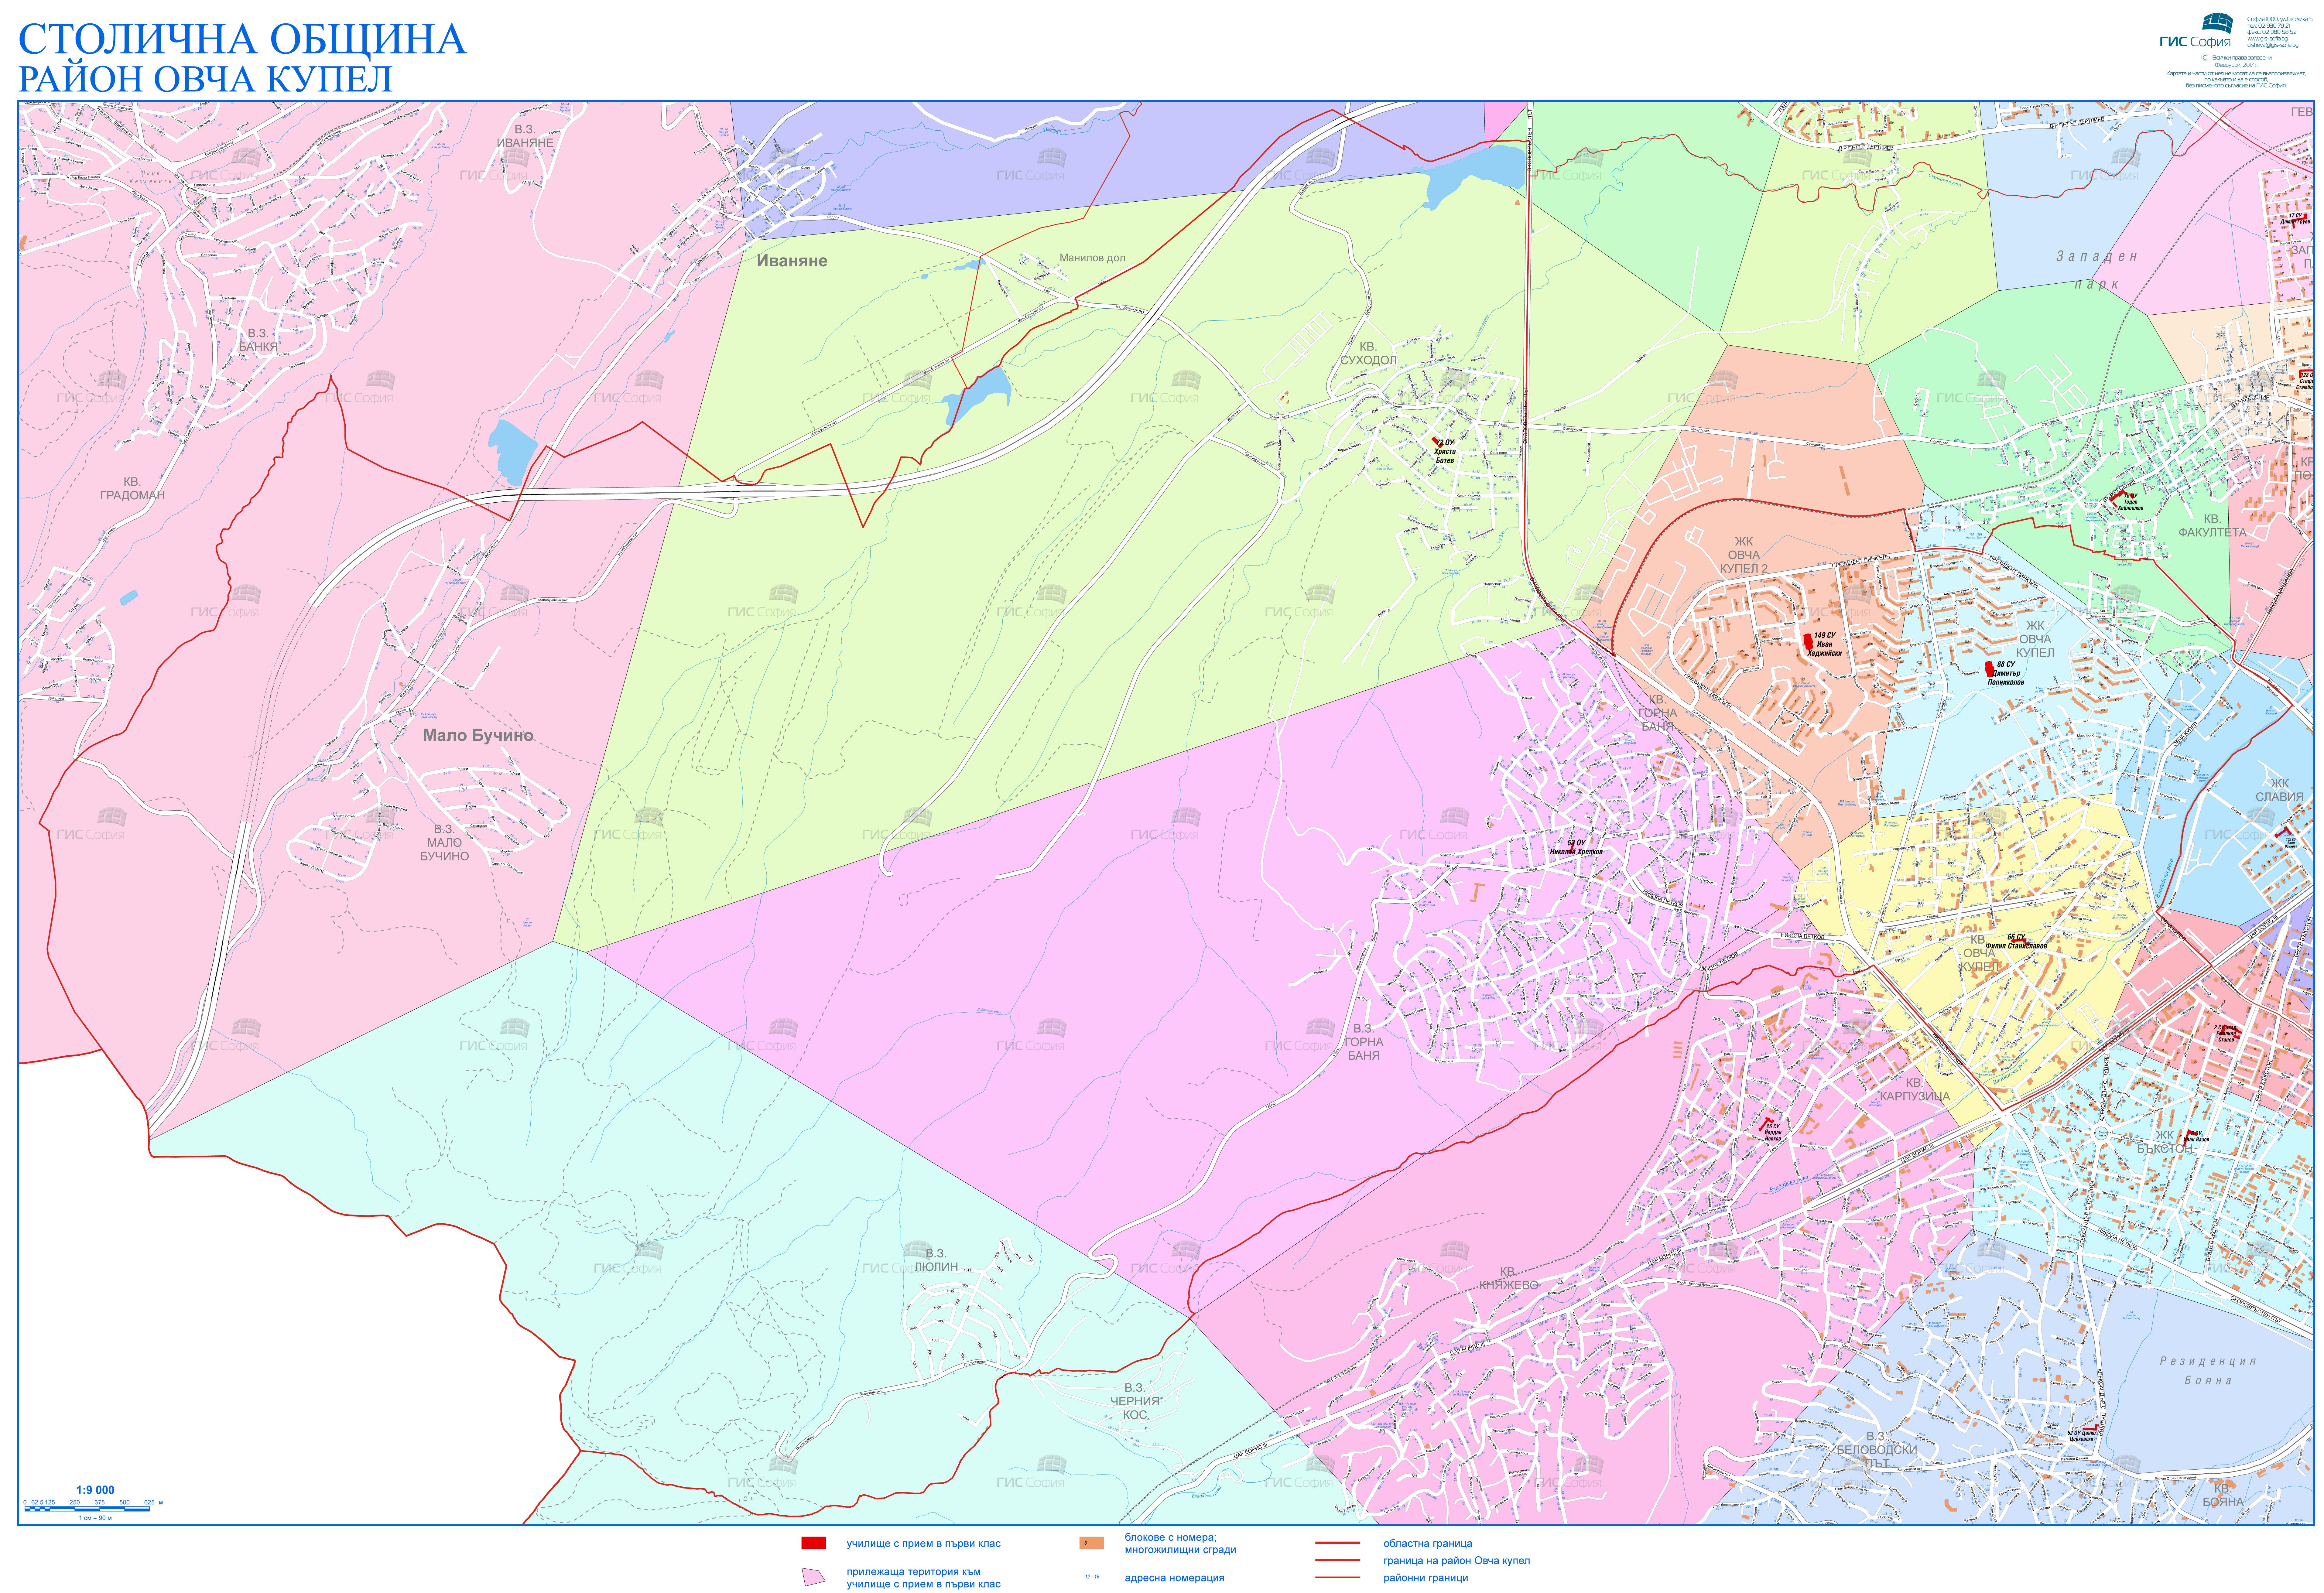 Podrobna Karta Na Uchilishata I Prilezhashite Km Tyah Teritorii